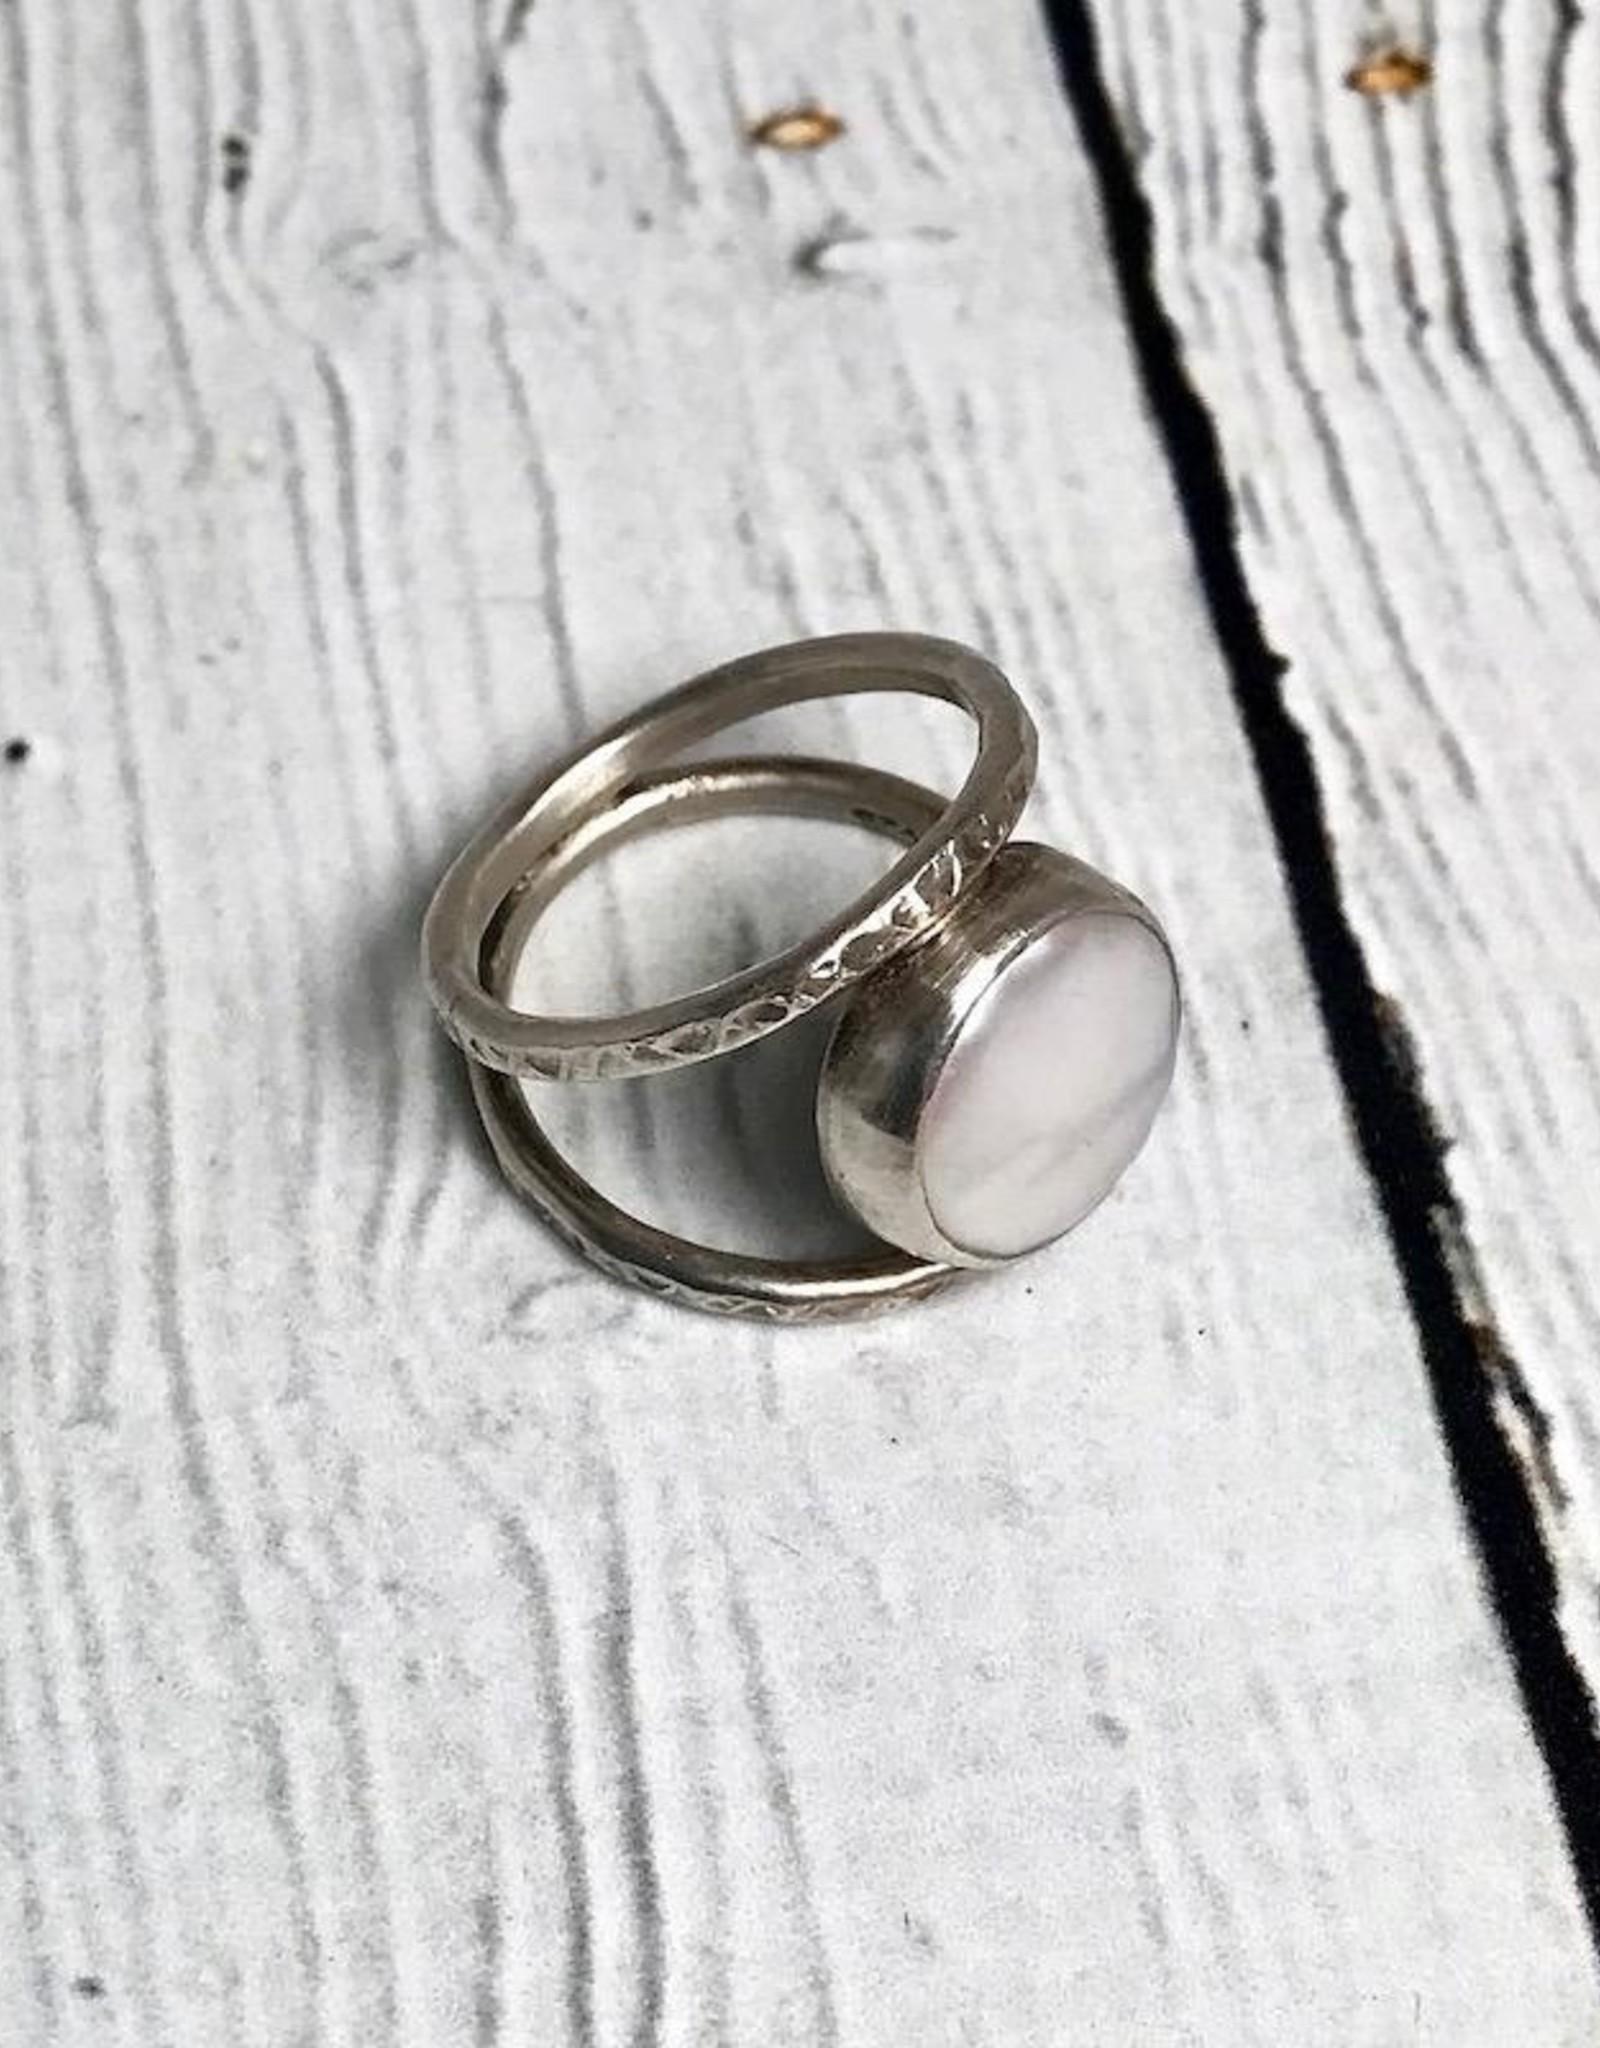 J&I Handmade Oxidized Sterling Bezel set 8mm White Freshwater Coin Pearl